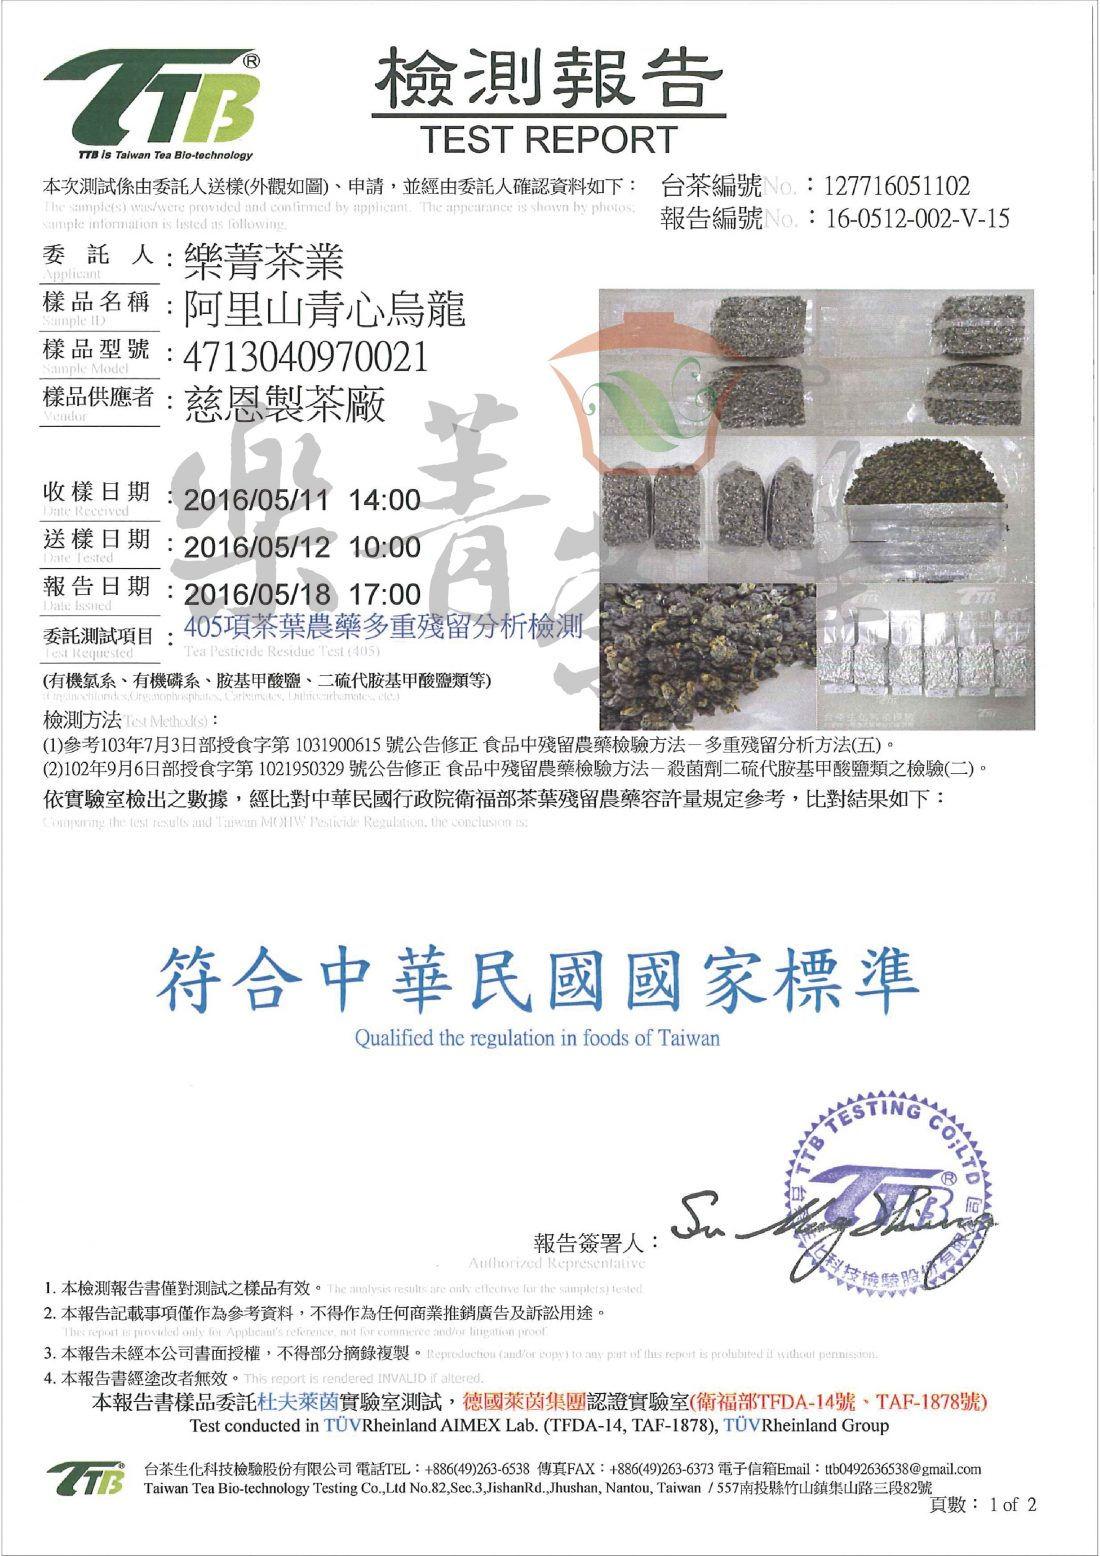 阿里山青心烏龍-405項茶葉農藥殘留檢驗報告